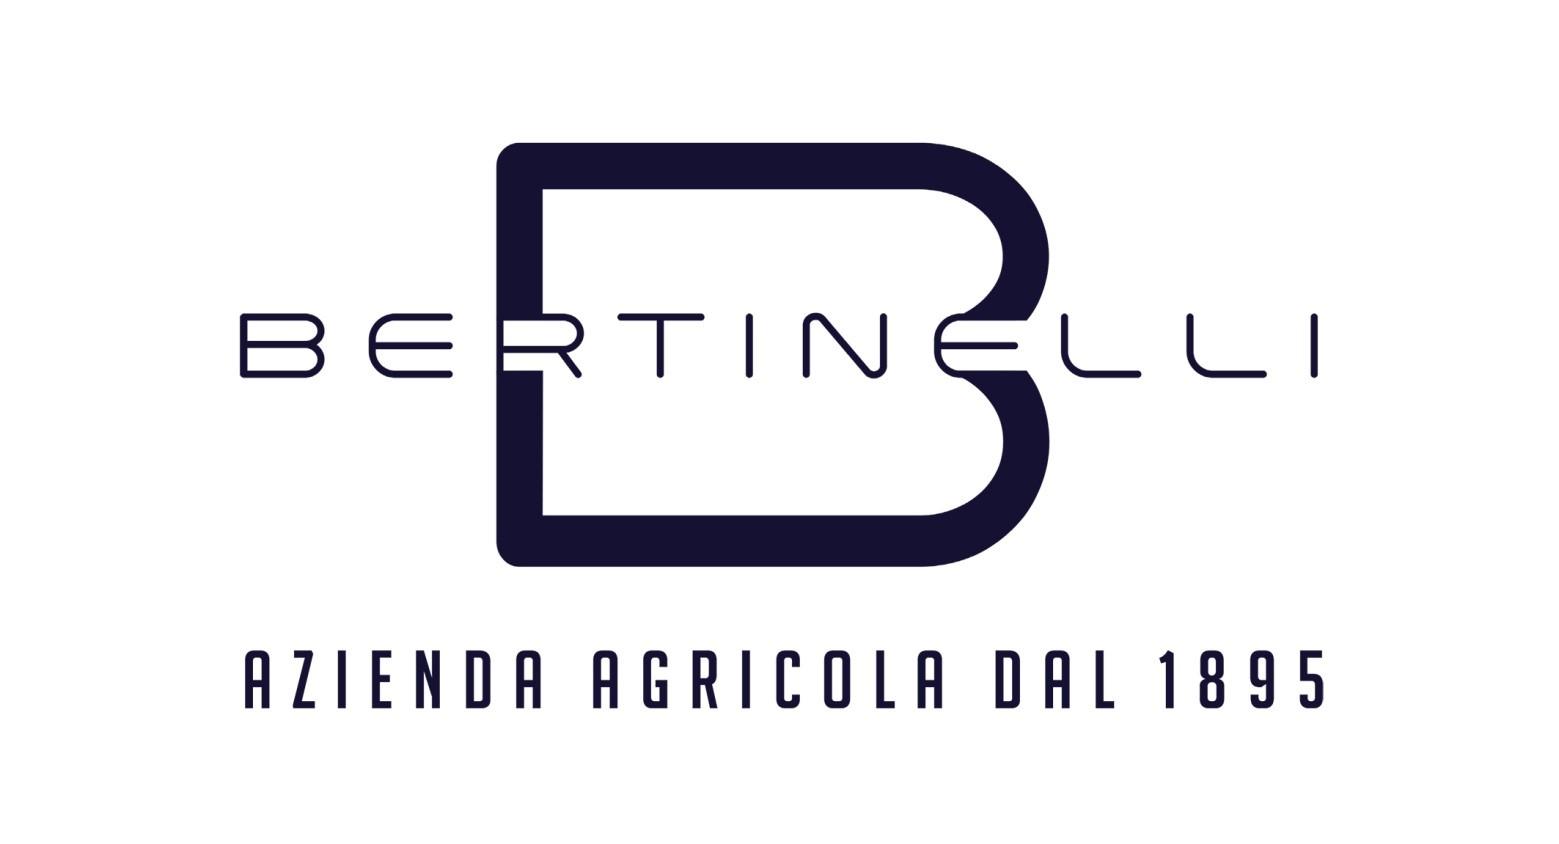 Bloomberg News racconta al mondo l'azienda agricola Bertinelli